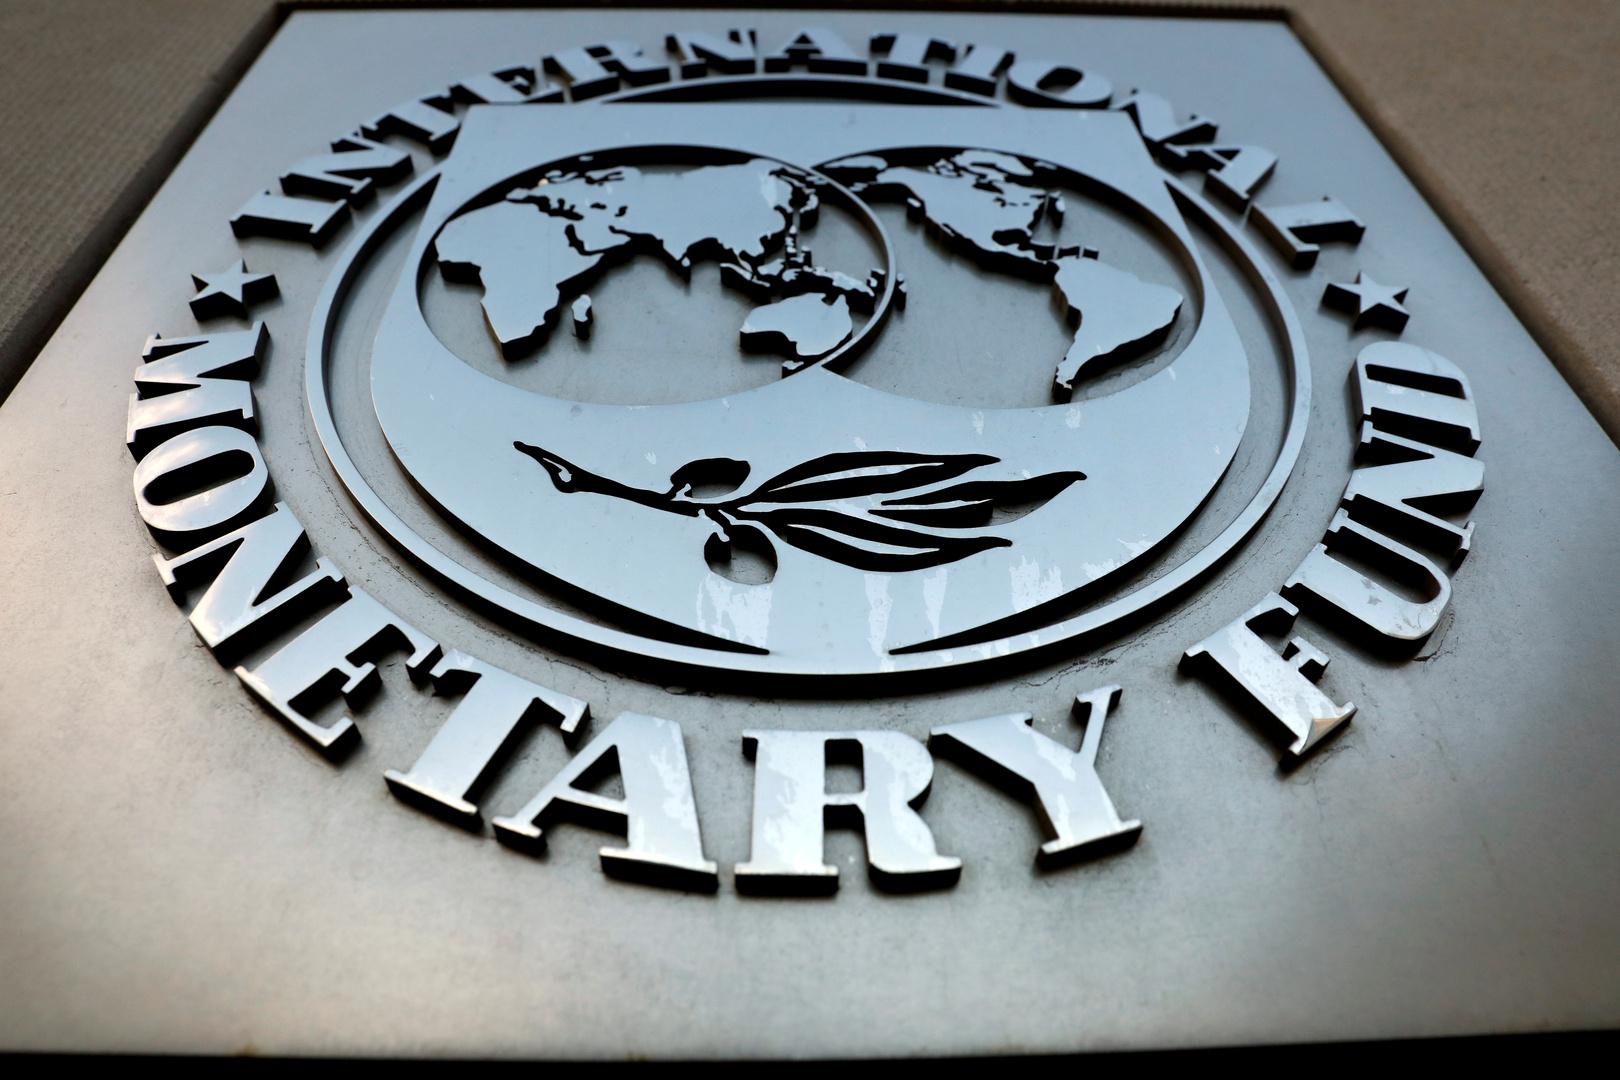 صندوق النقد الدولي يزيد موارده بمقدار 650 مليار دولار